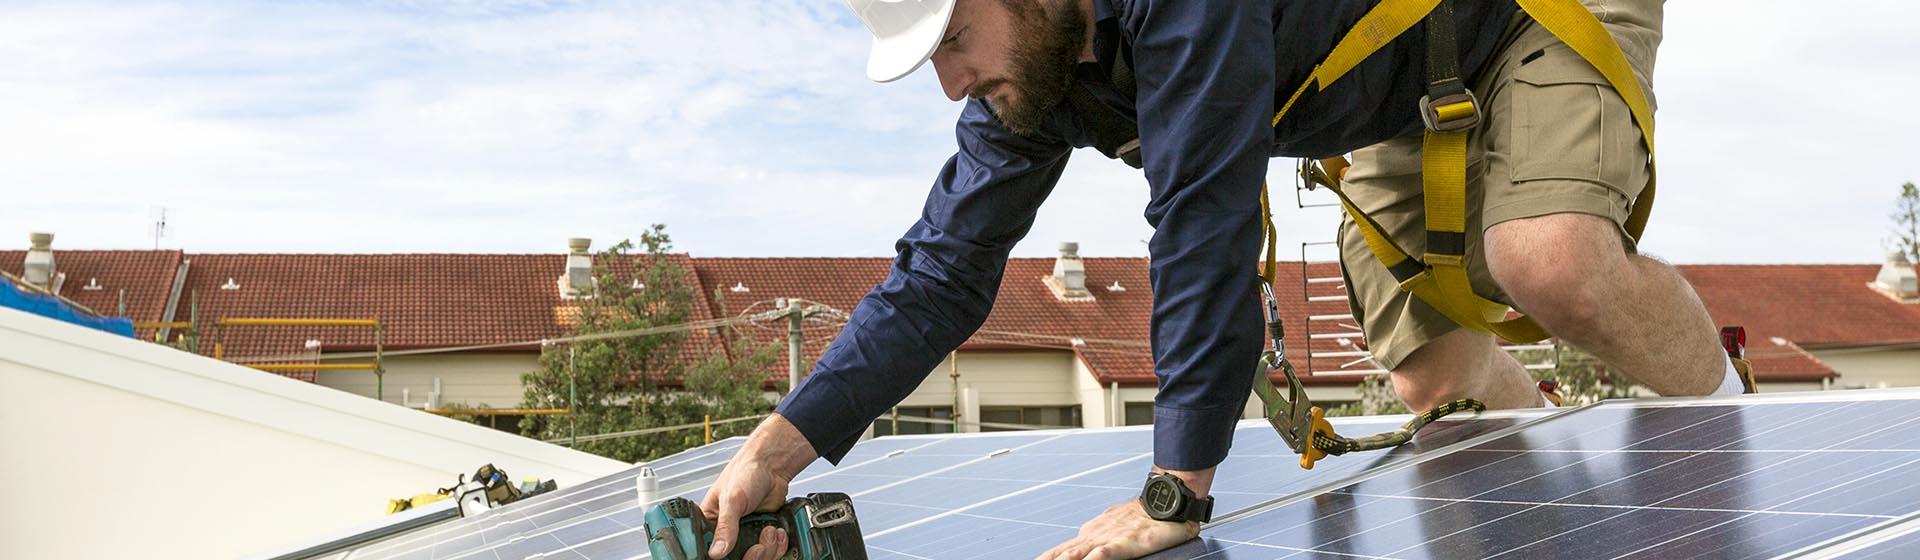 Drentenaar kan jaarlijks 383 euro besparen op energiecontract